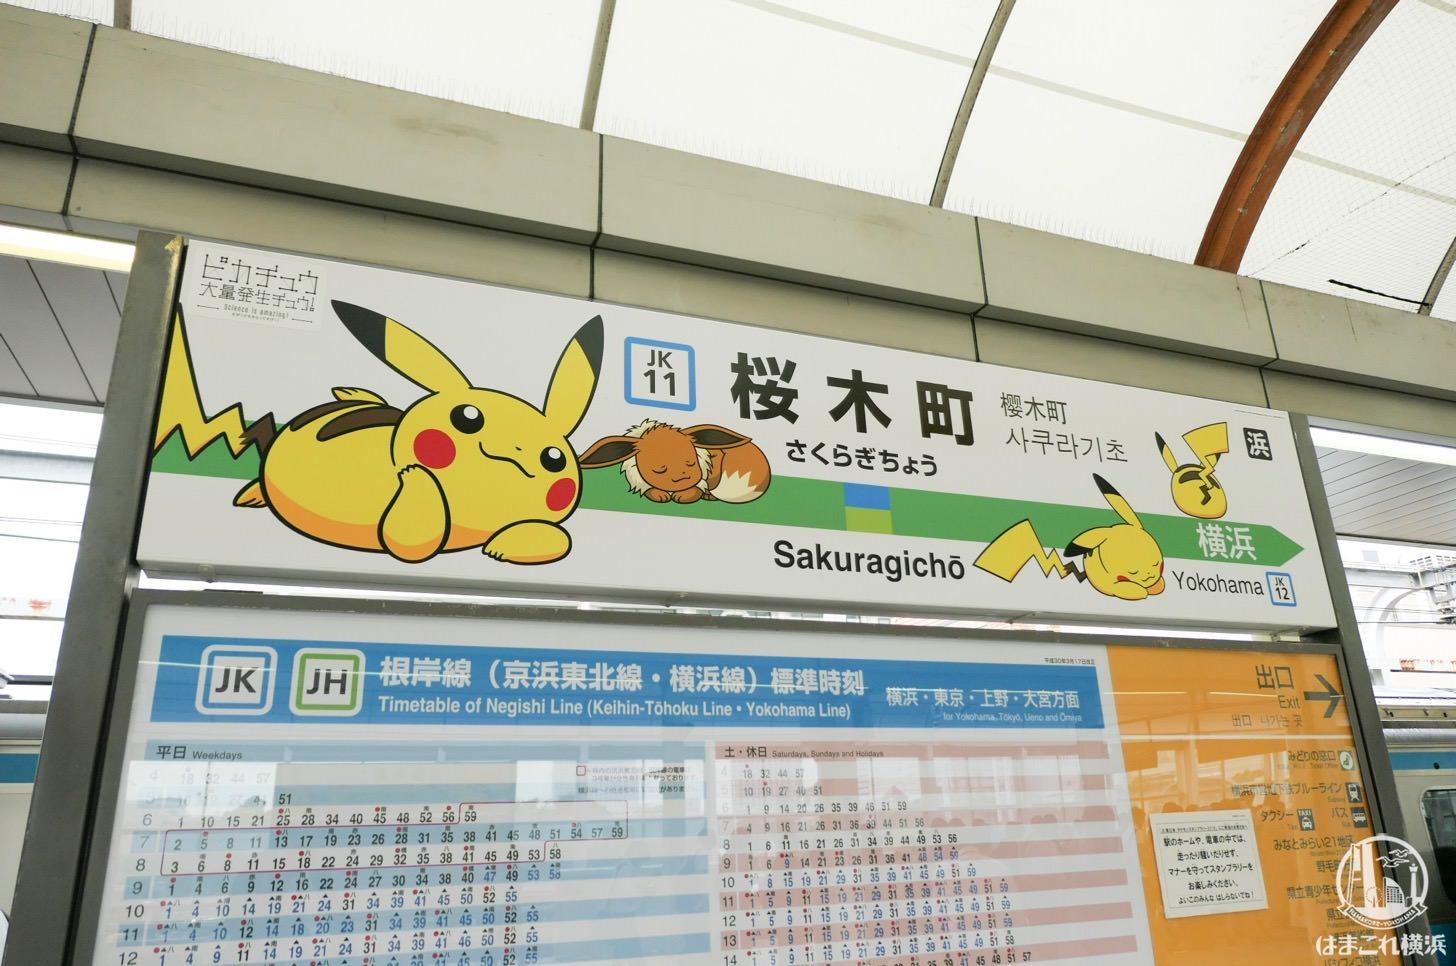 桜木町駅 駅名表示板